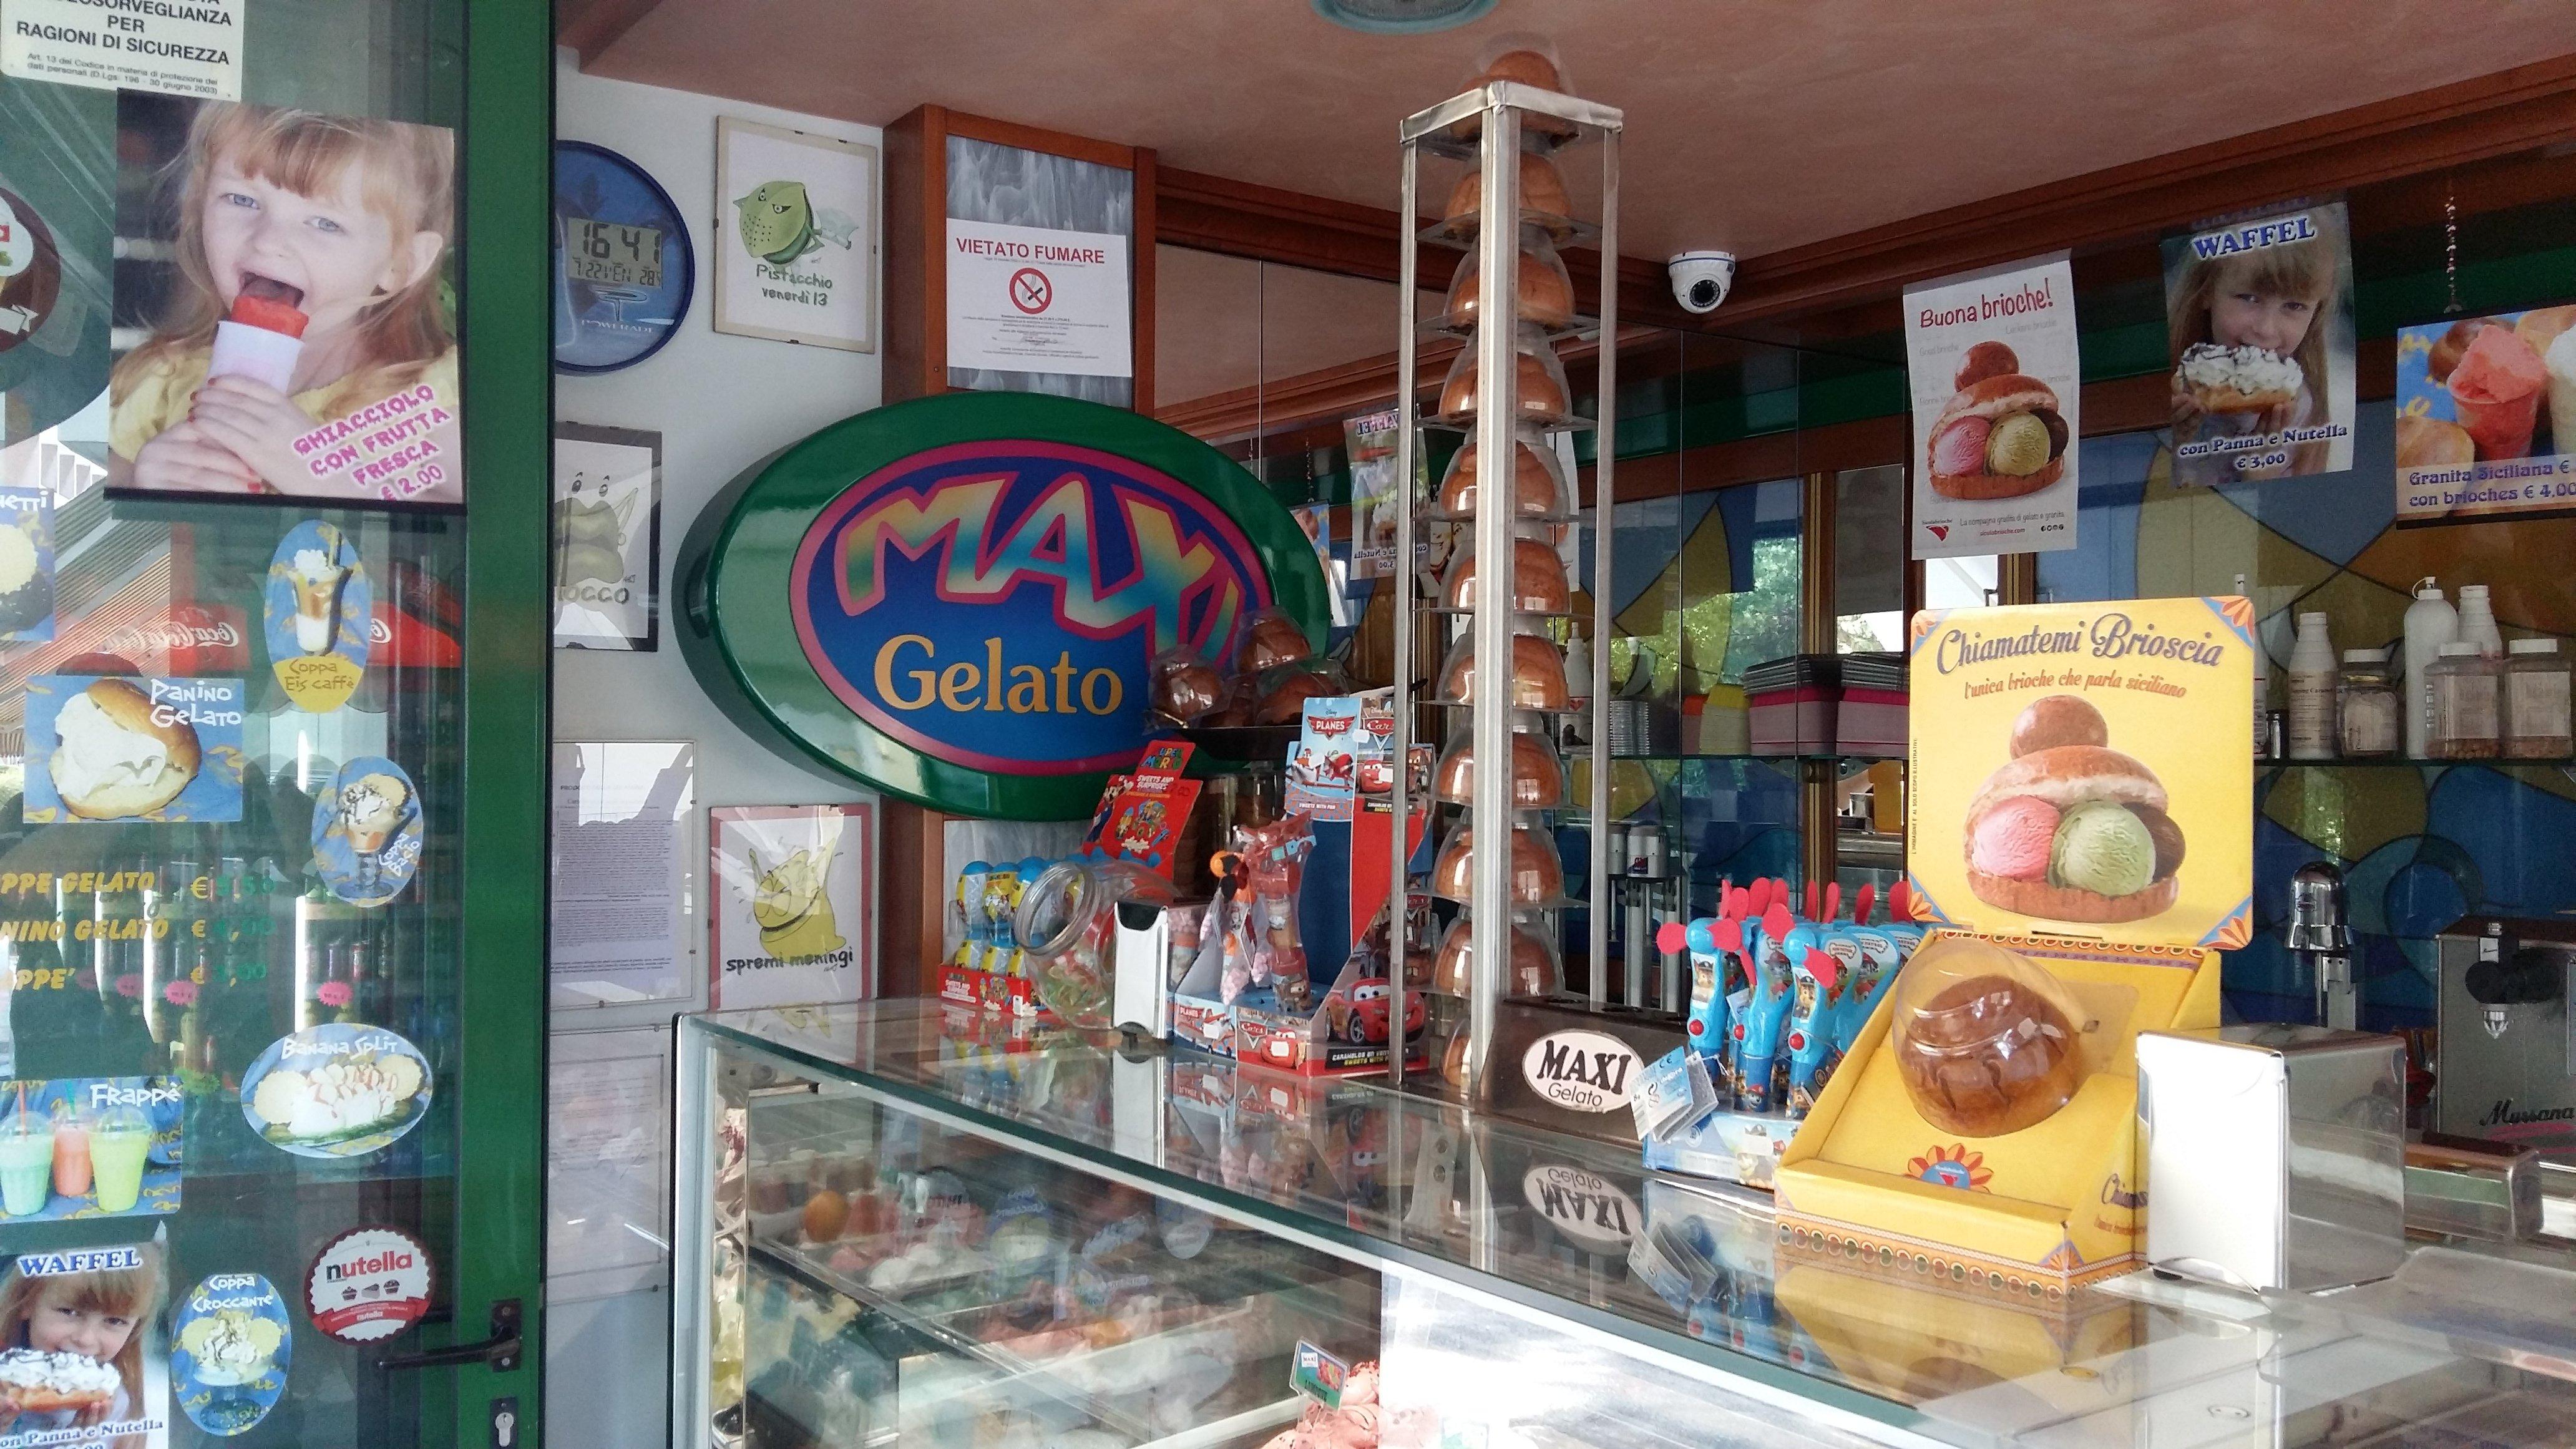 Maxi Gelato, Bibione